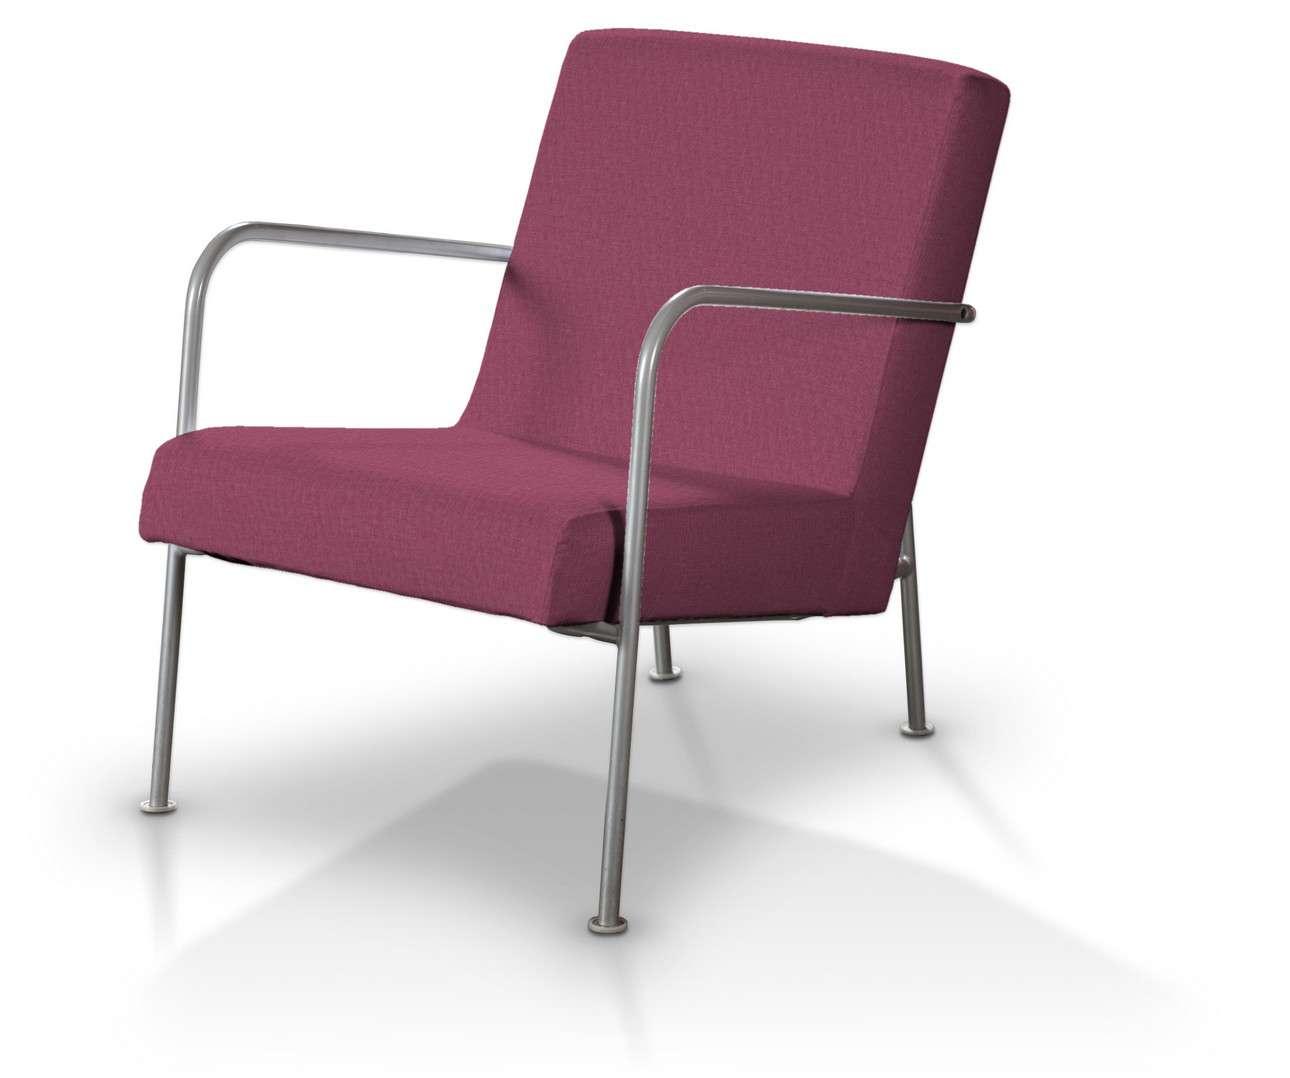 Pokrowiec na fotel Ikea PS w kolekcji Living, tkanina: 160-44